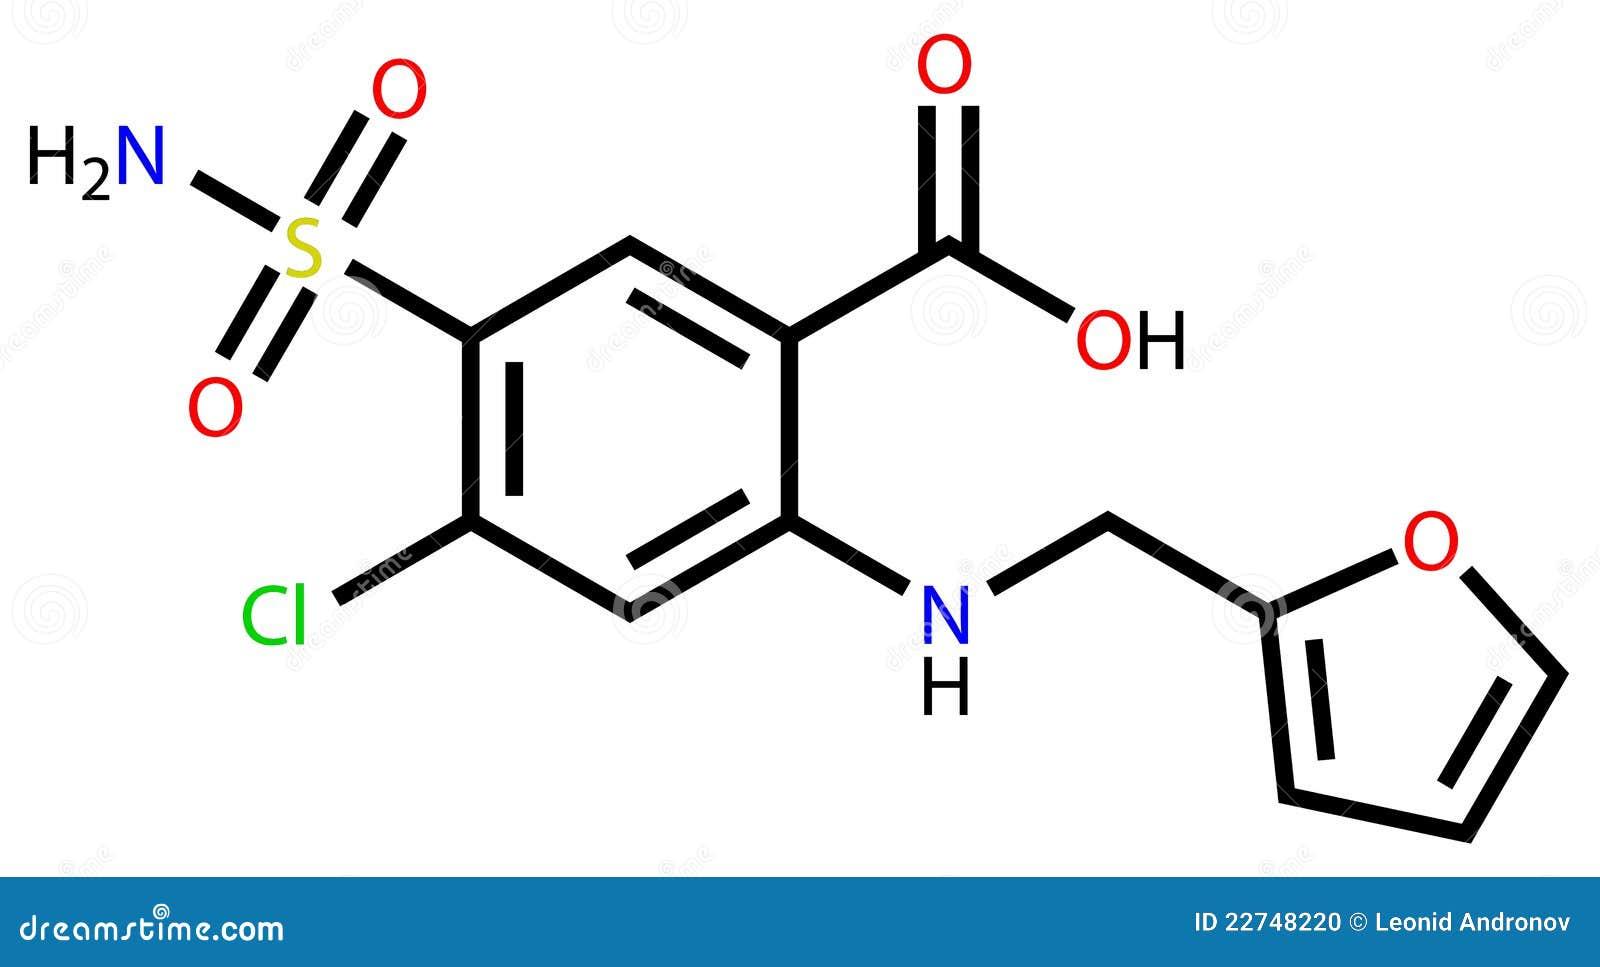 Furosemide Free Trial